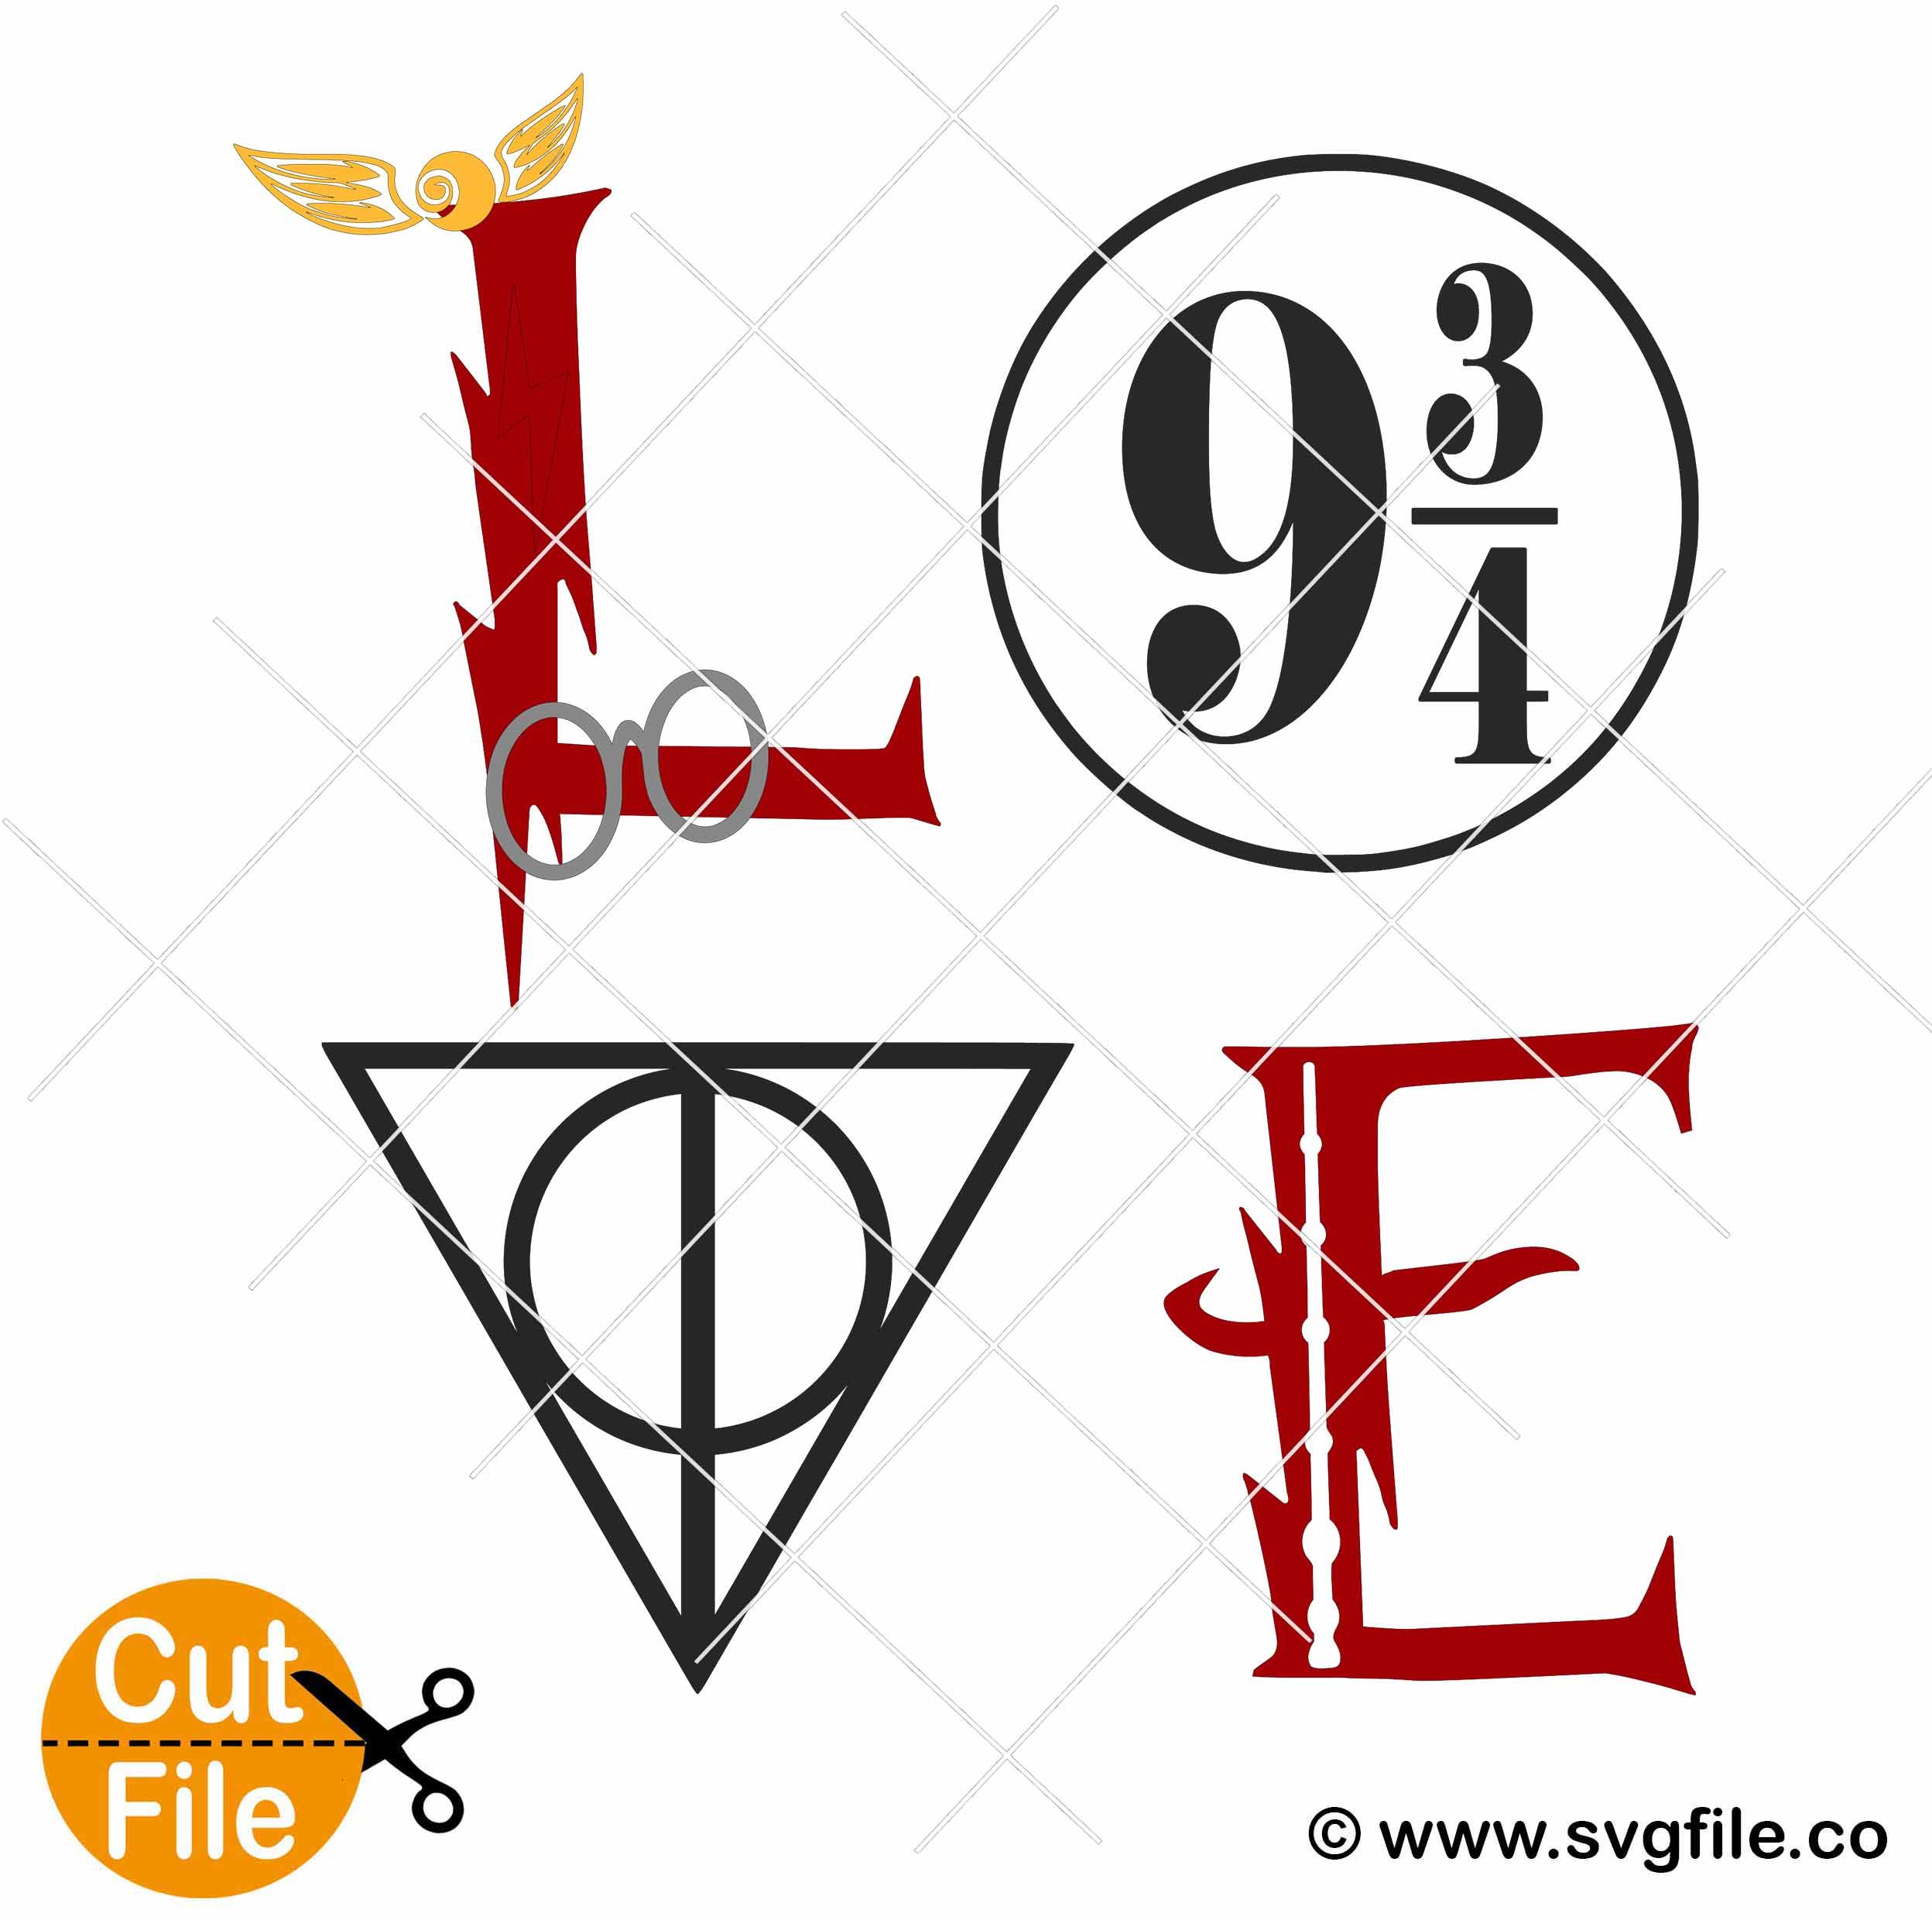 Download Harry Potter Love svg 002 - Svgfile.co - 0.99 Cent SVG ...